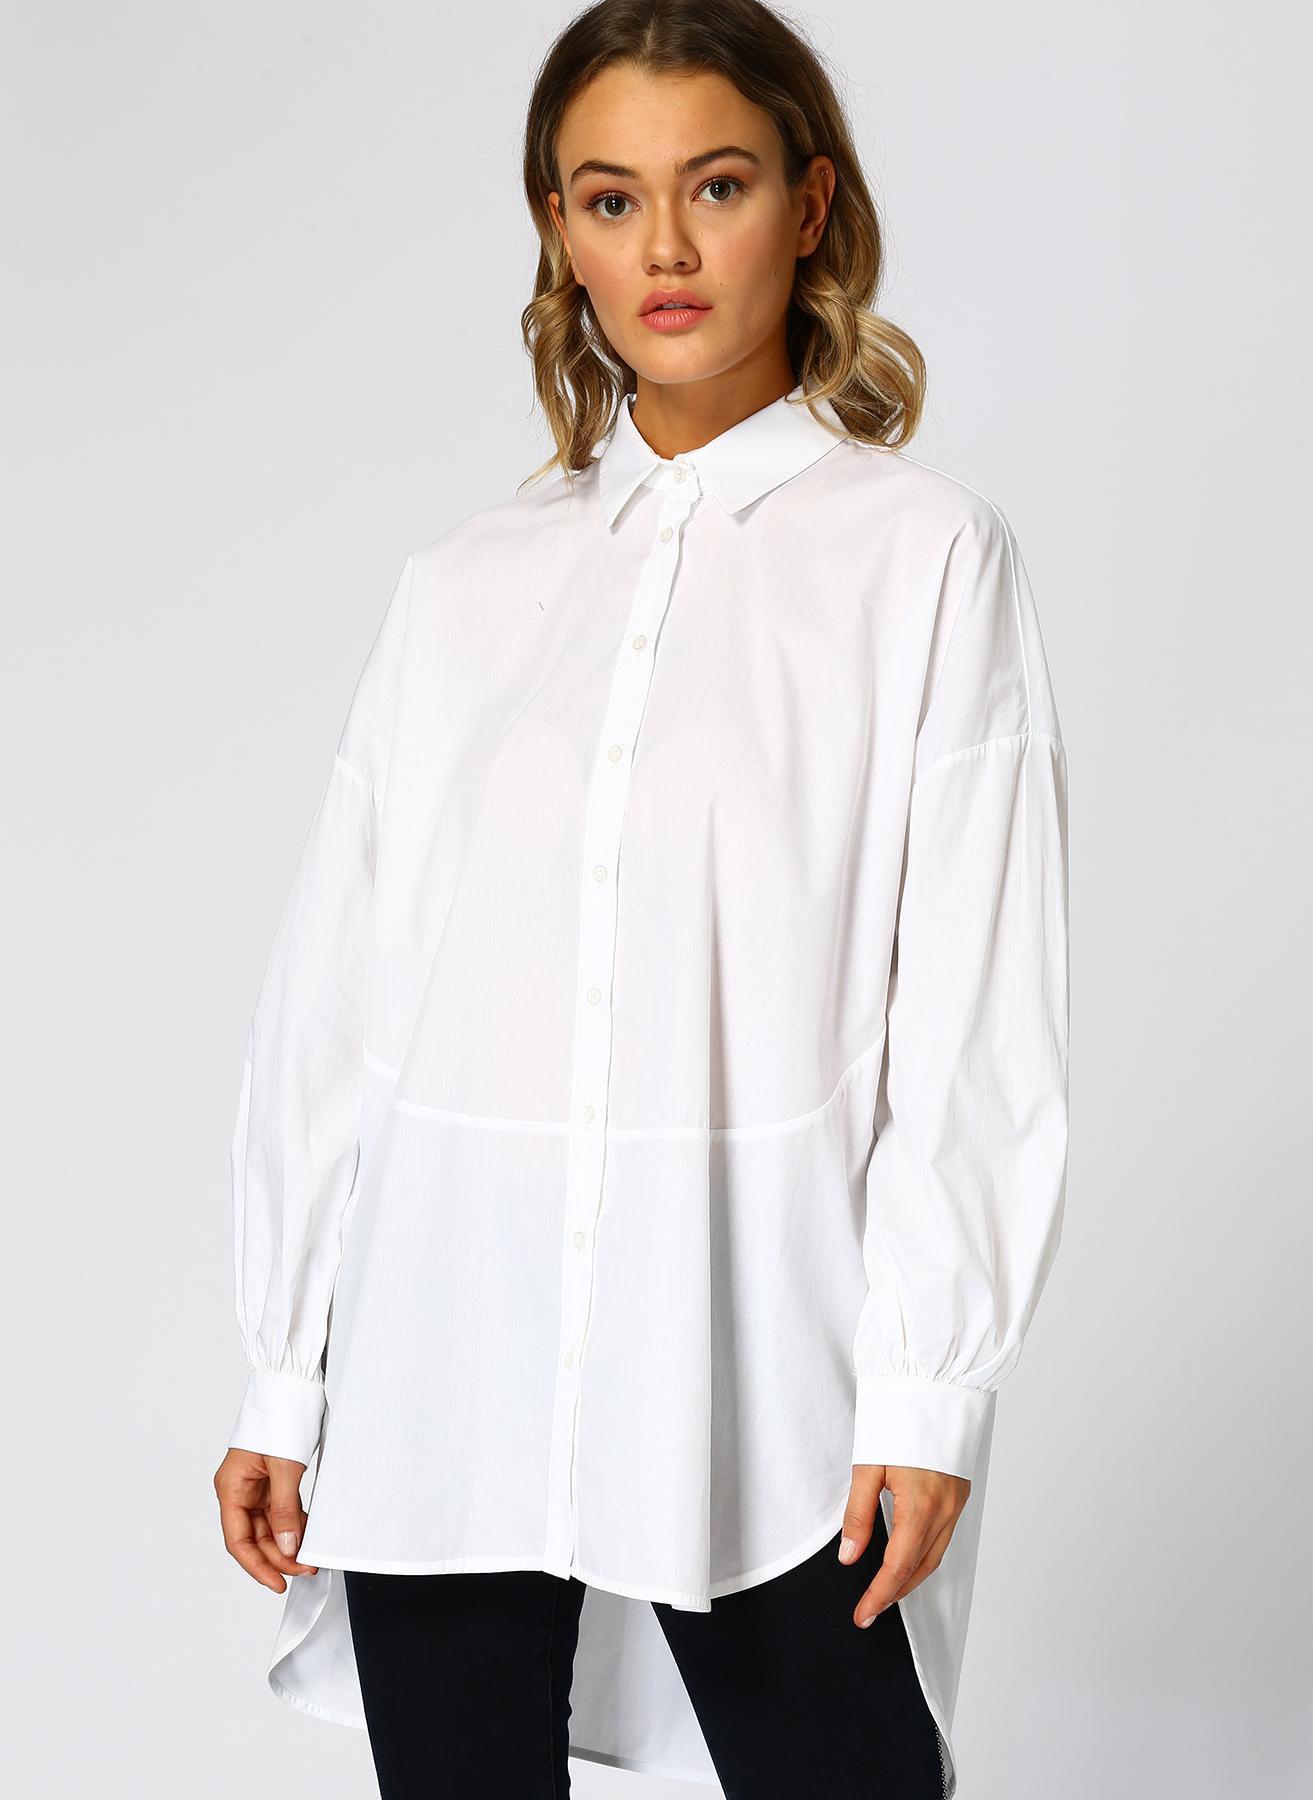 Beymen Studio Beyaz Gömlek 42 5001698820004 Ürün Resmi